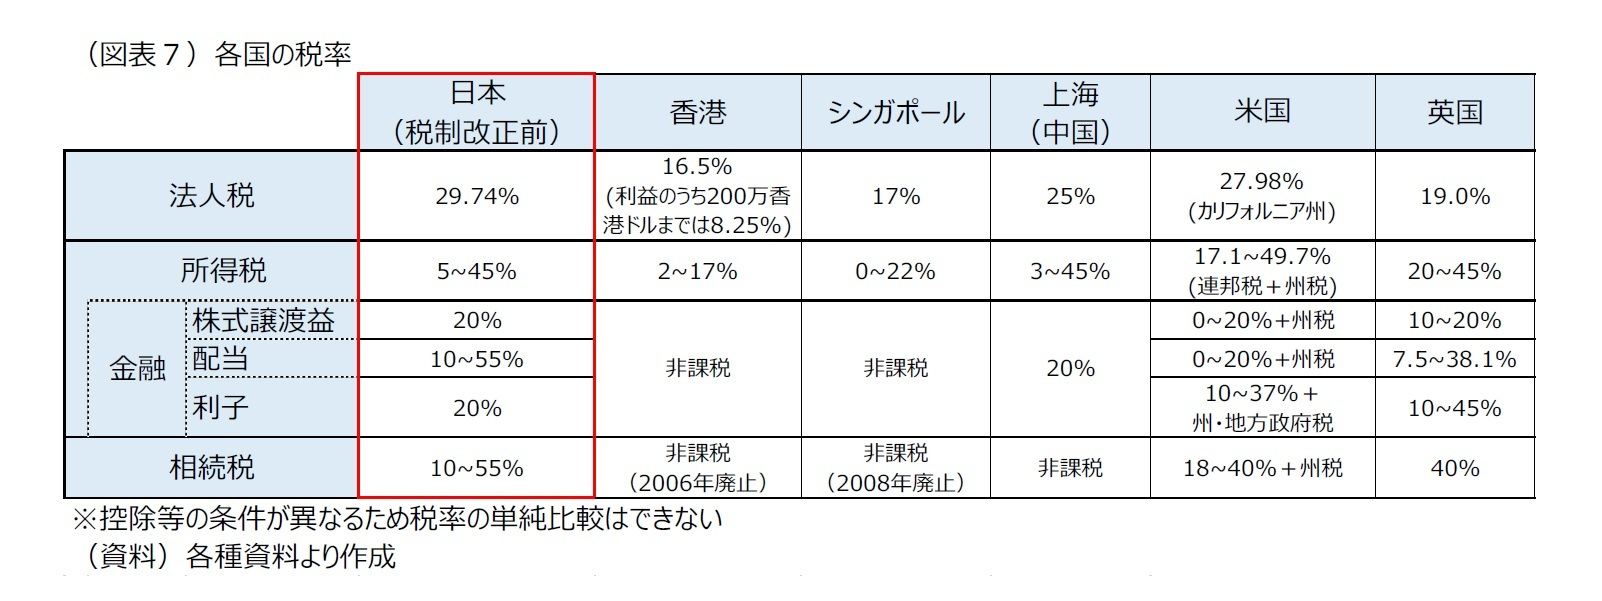 (図表7)各国の税率